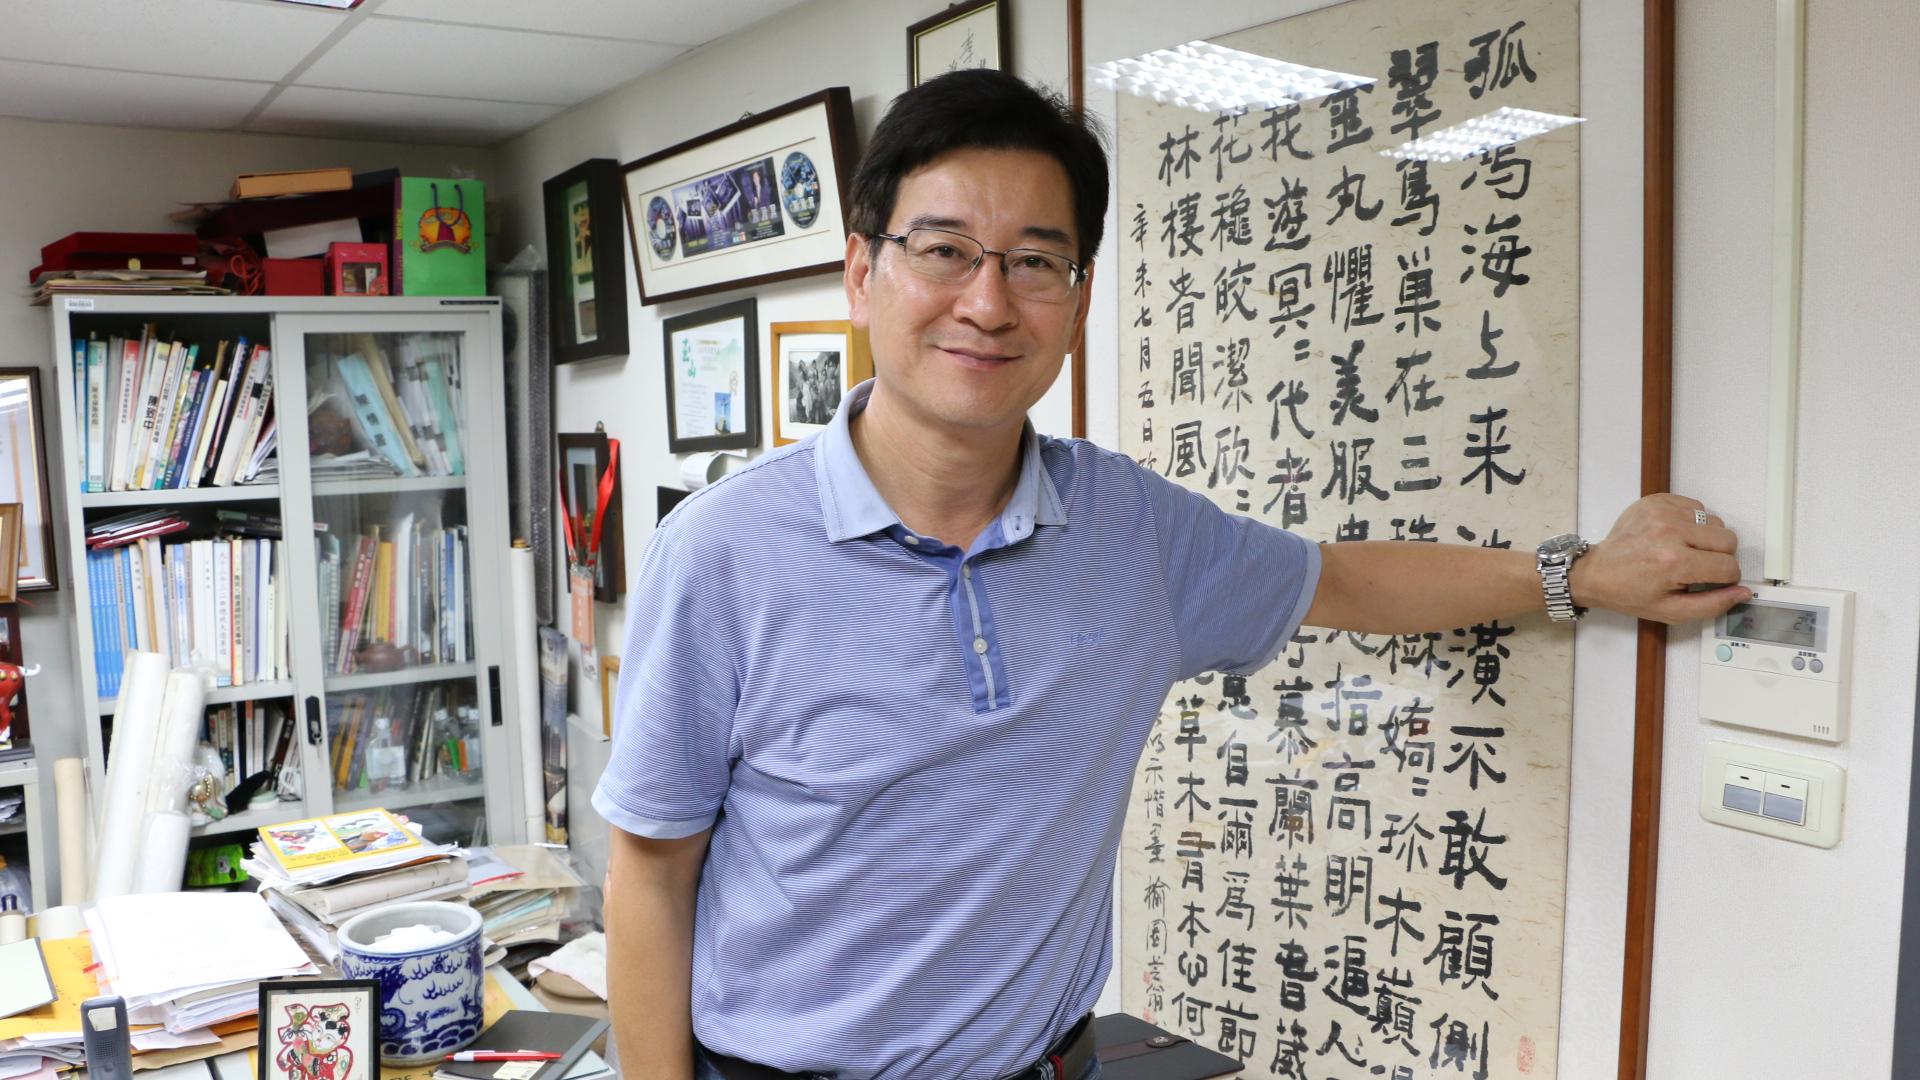 台北市議員李慶元。攝影/李芮昕